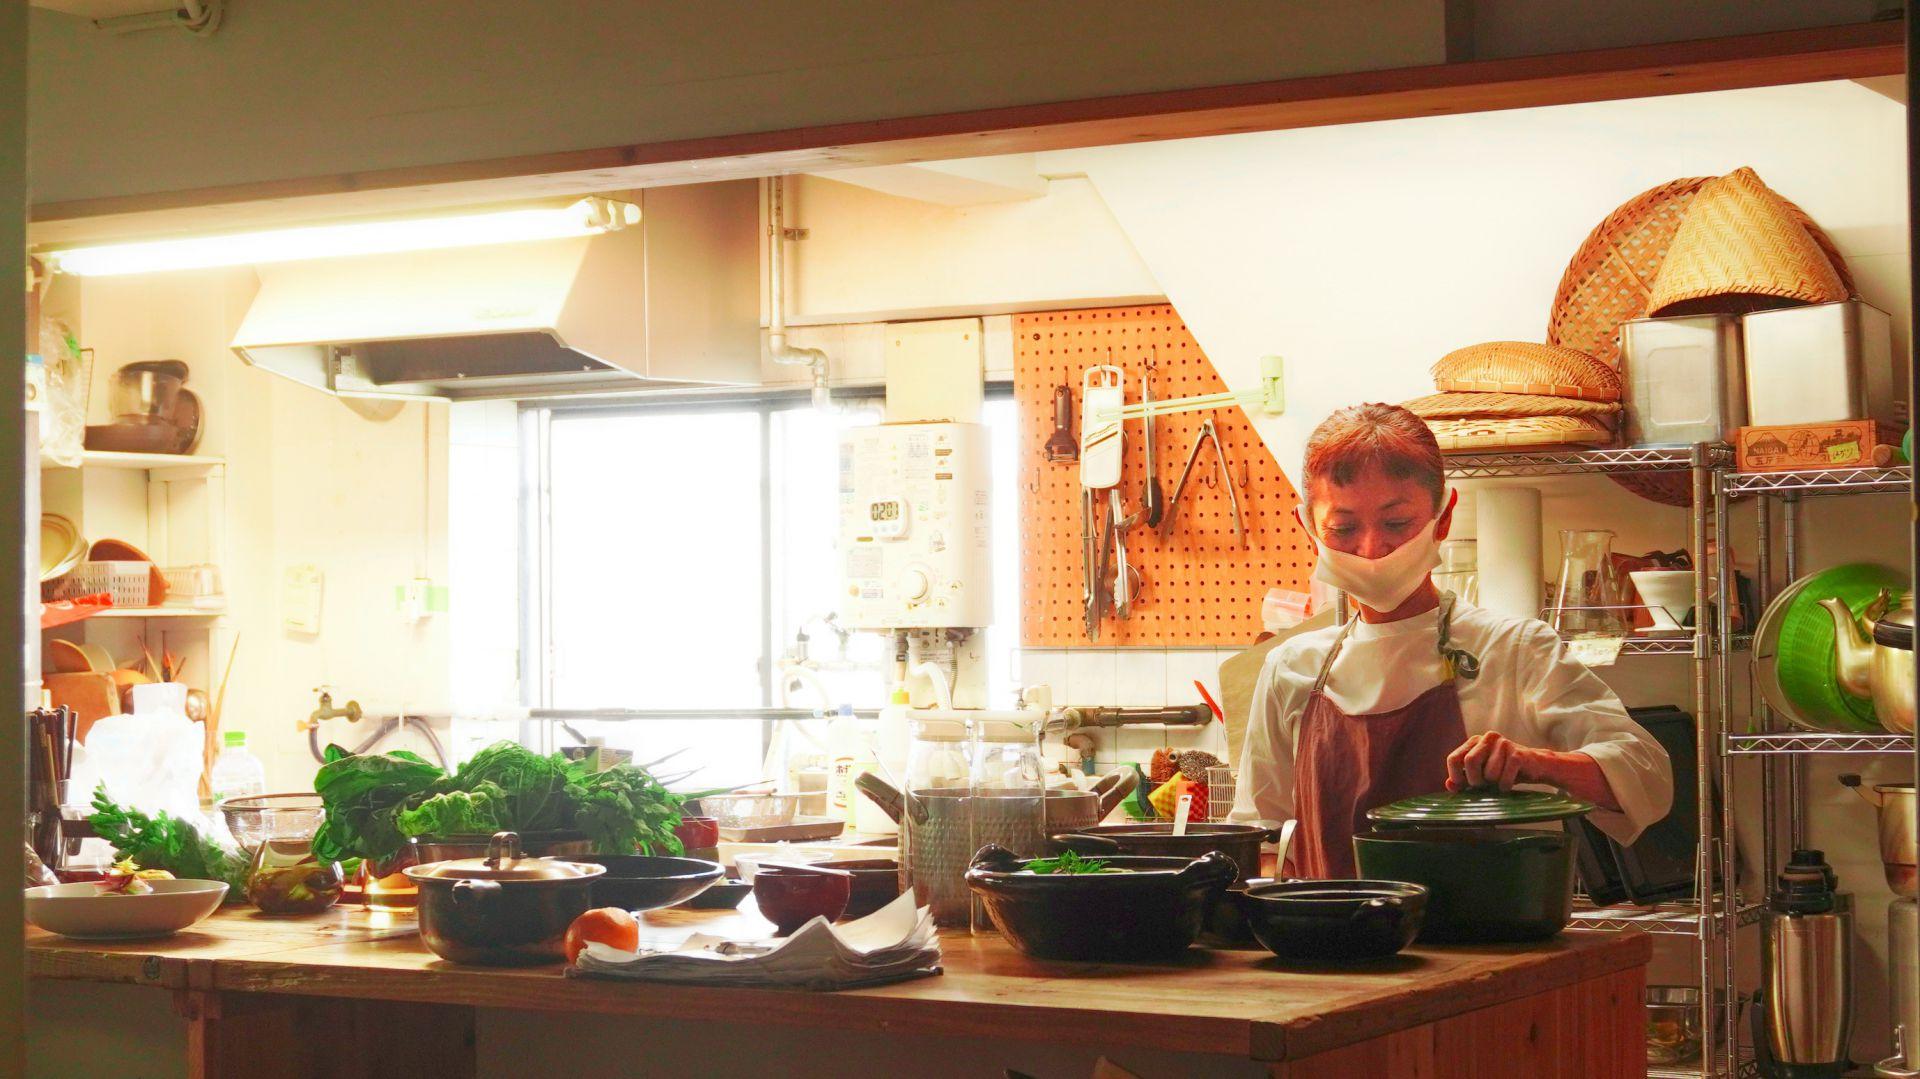 野菜の料理を美味しくするコツって? 4つのポイントをご紹介します